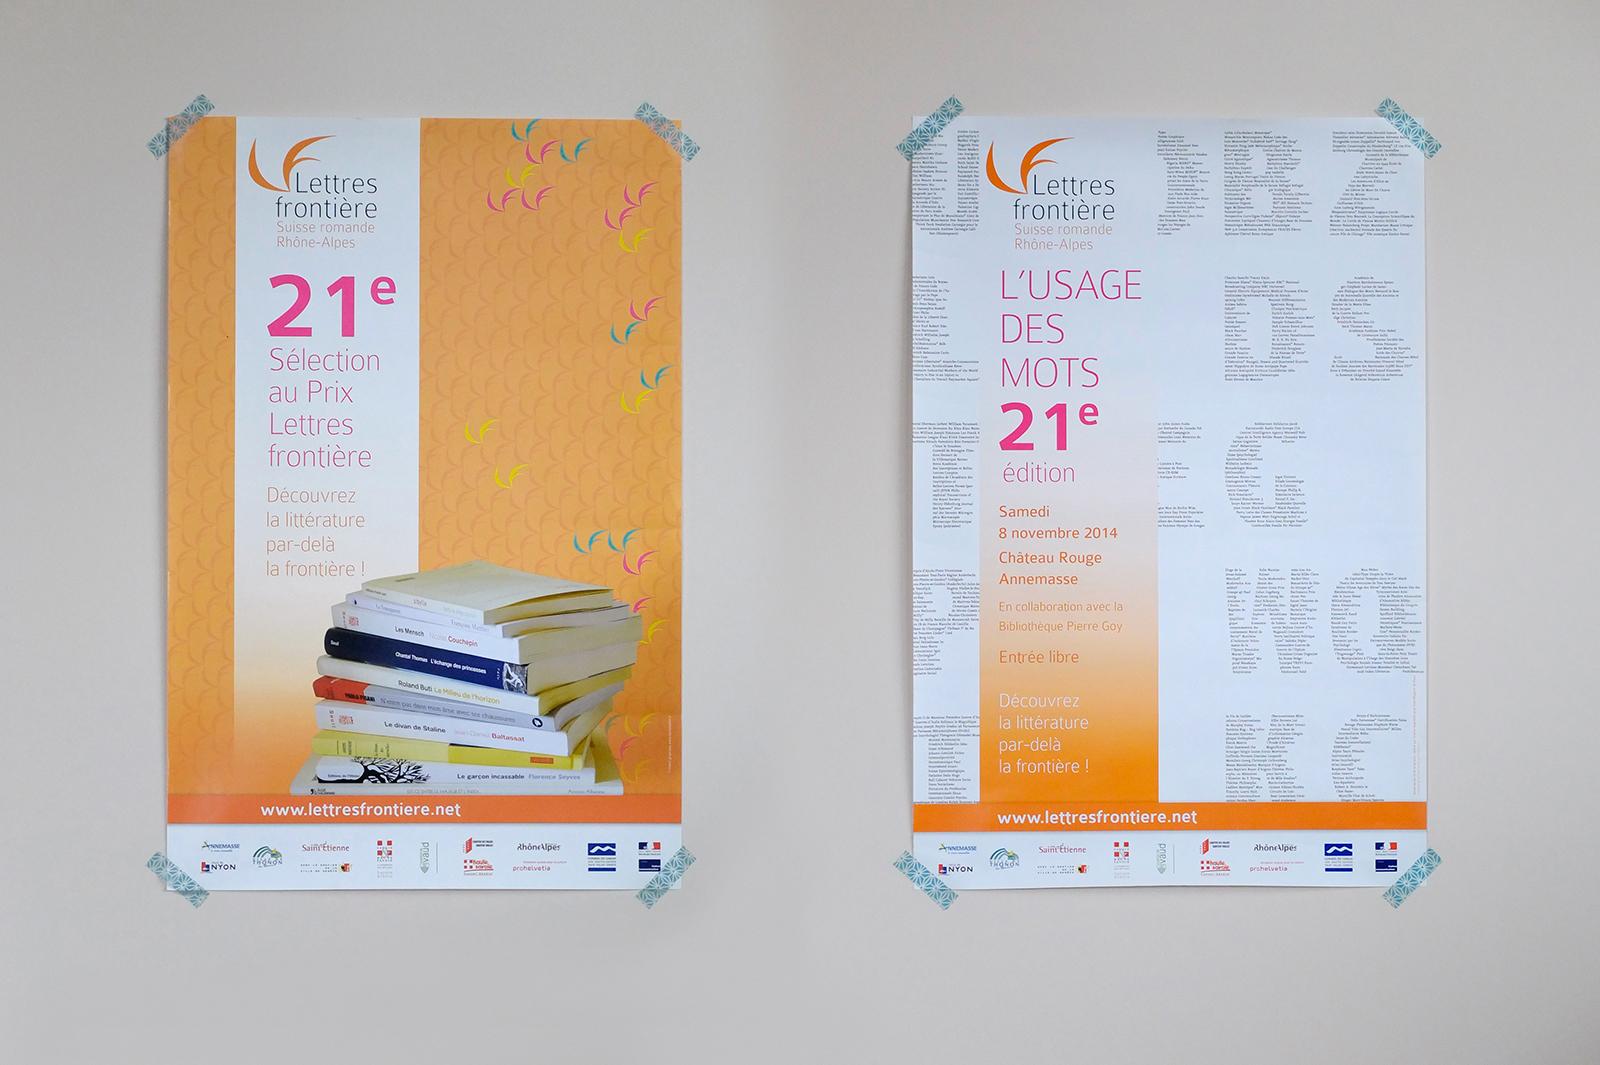 Affiches de la 21e sélection et de l'Usage des mots pour Lettres frontière